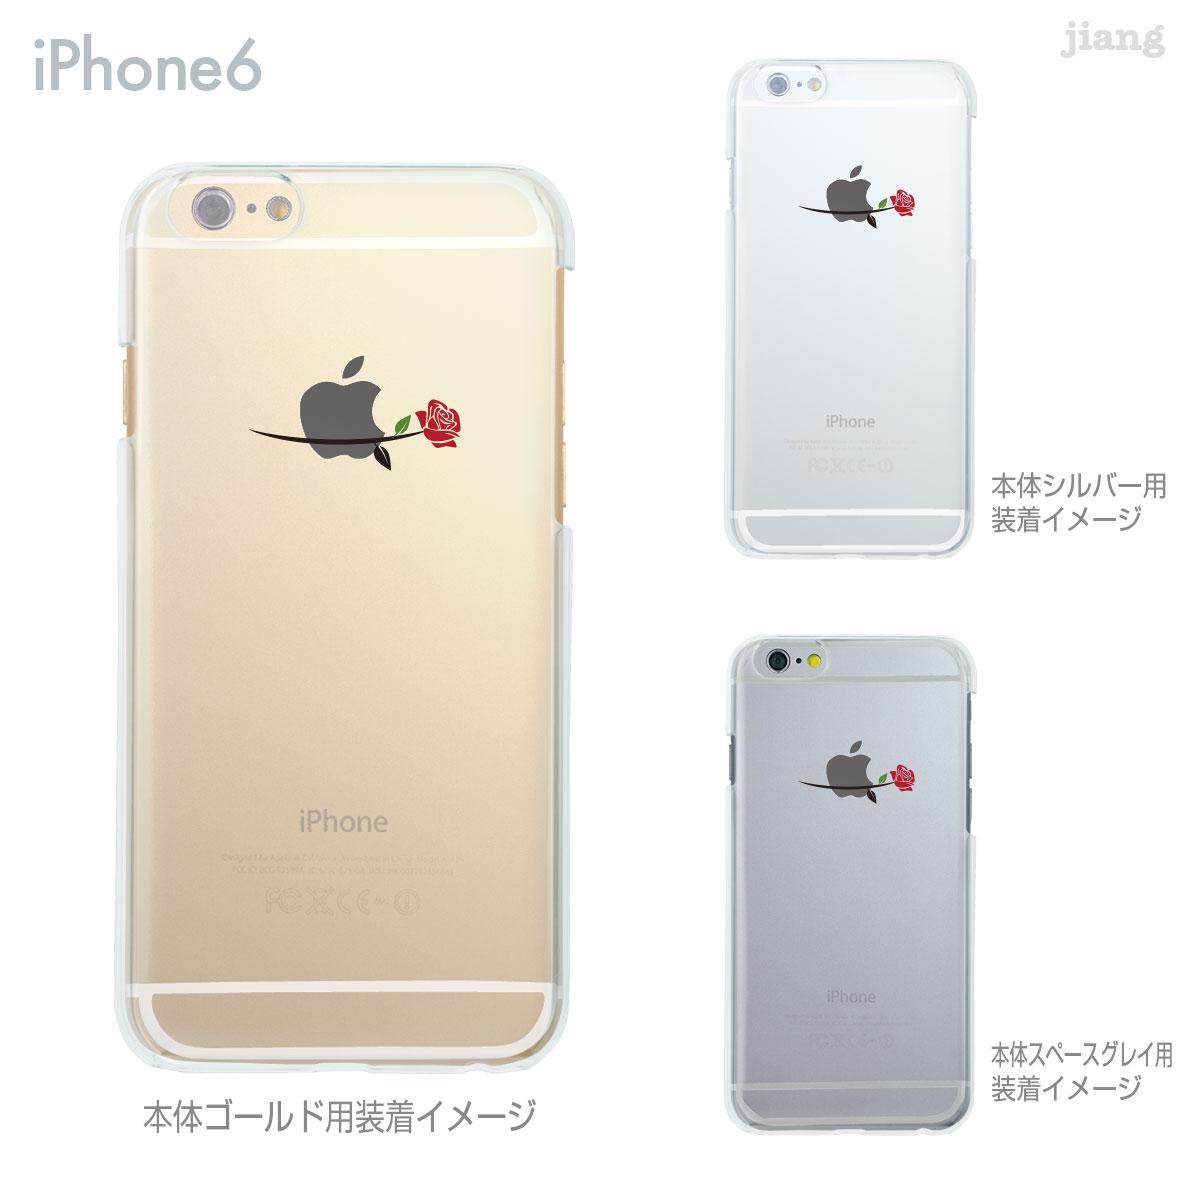 iPhone7 iPhone6s iPhone6 Plus iphone SE iPhone5 iPhone5s iPhone5c ケース スマホケース ハードケース アイフォン Clear Arts カバー クリアケース かわいい イラスト バラ一輪 01-ip6-ca0171s